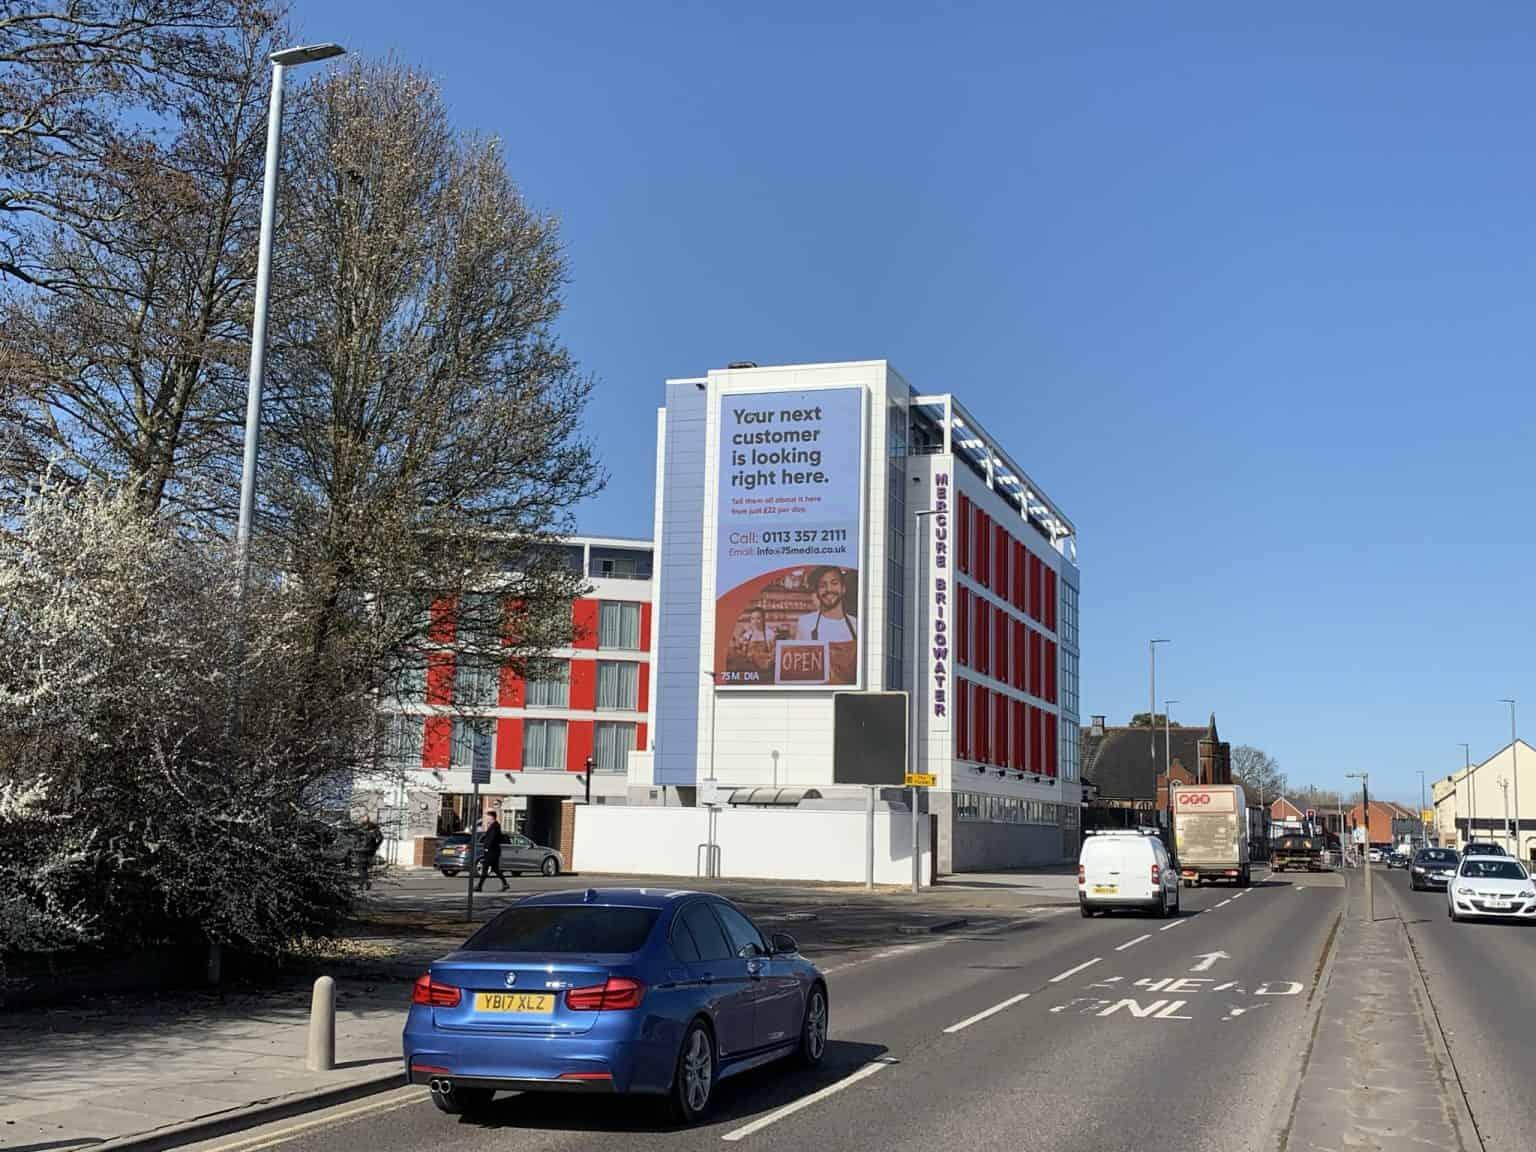 Bridgewater digital billboard